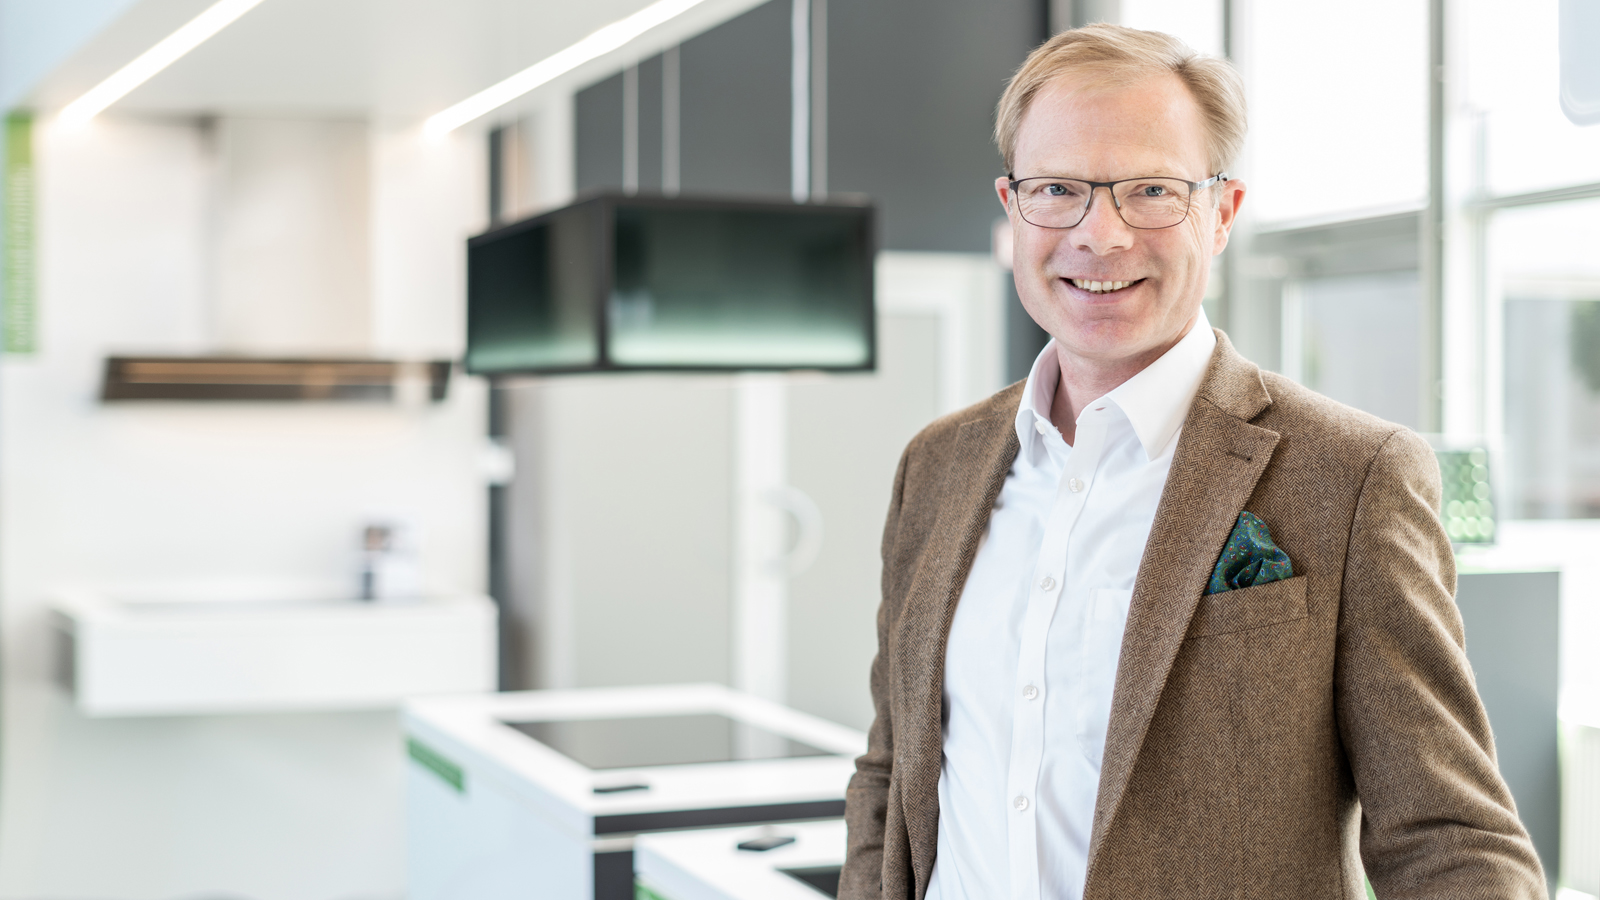 Interview mit CEO Karl von Bodelschwingh